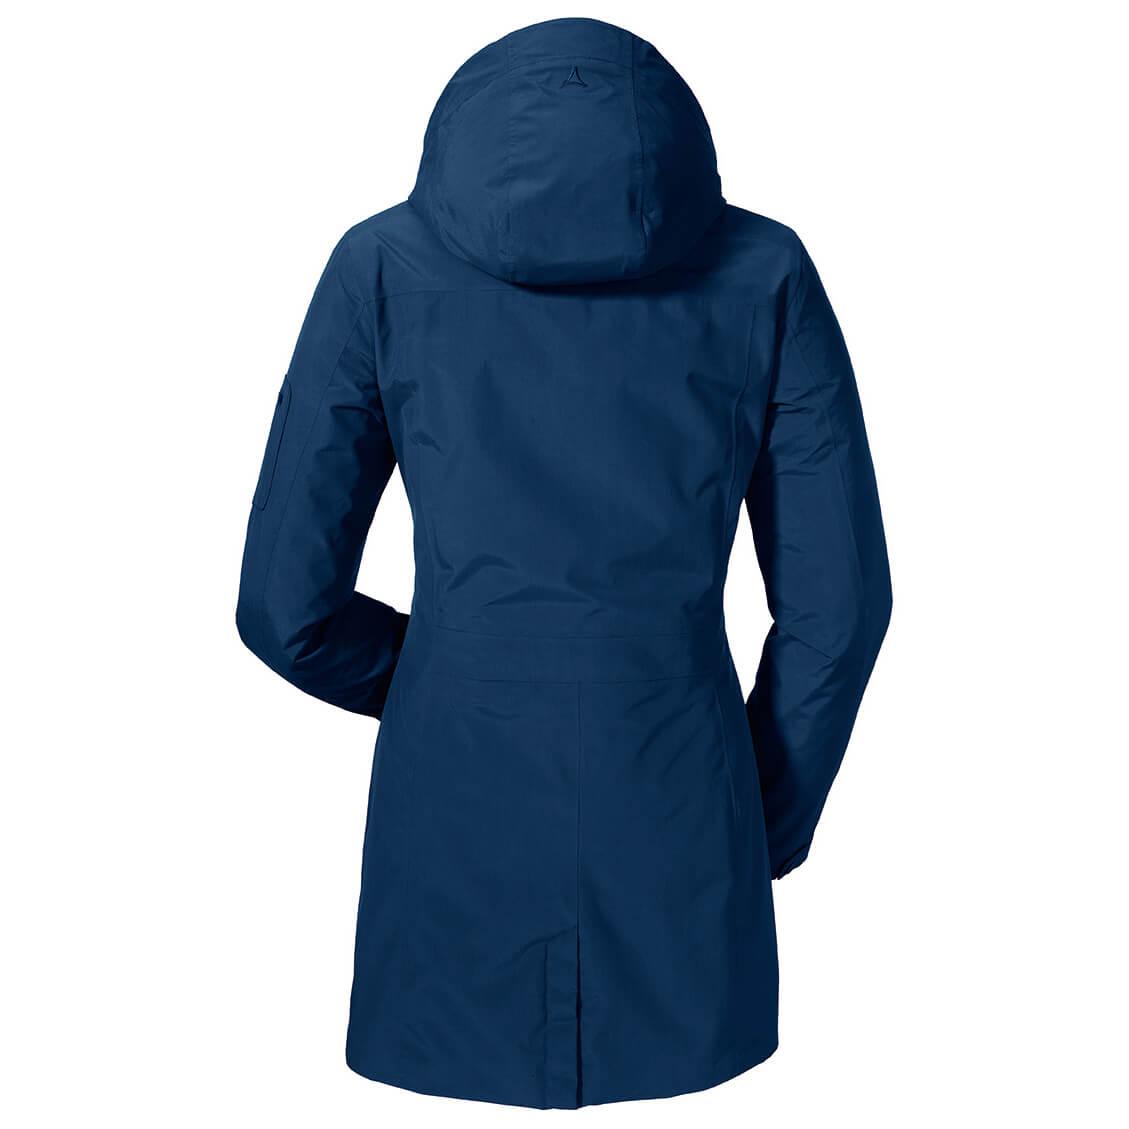 9c040523d307e7 Schöffel Jacket Shanghai 1 - Mantel Damen online kaufen